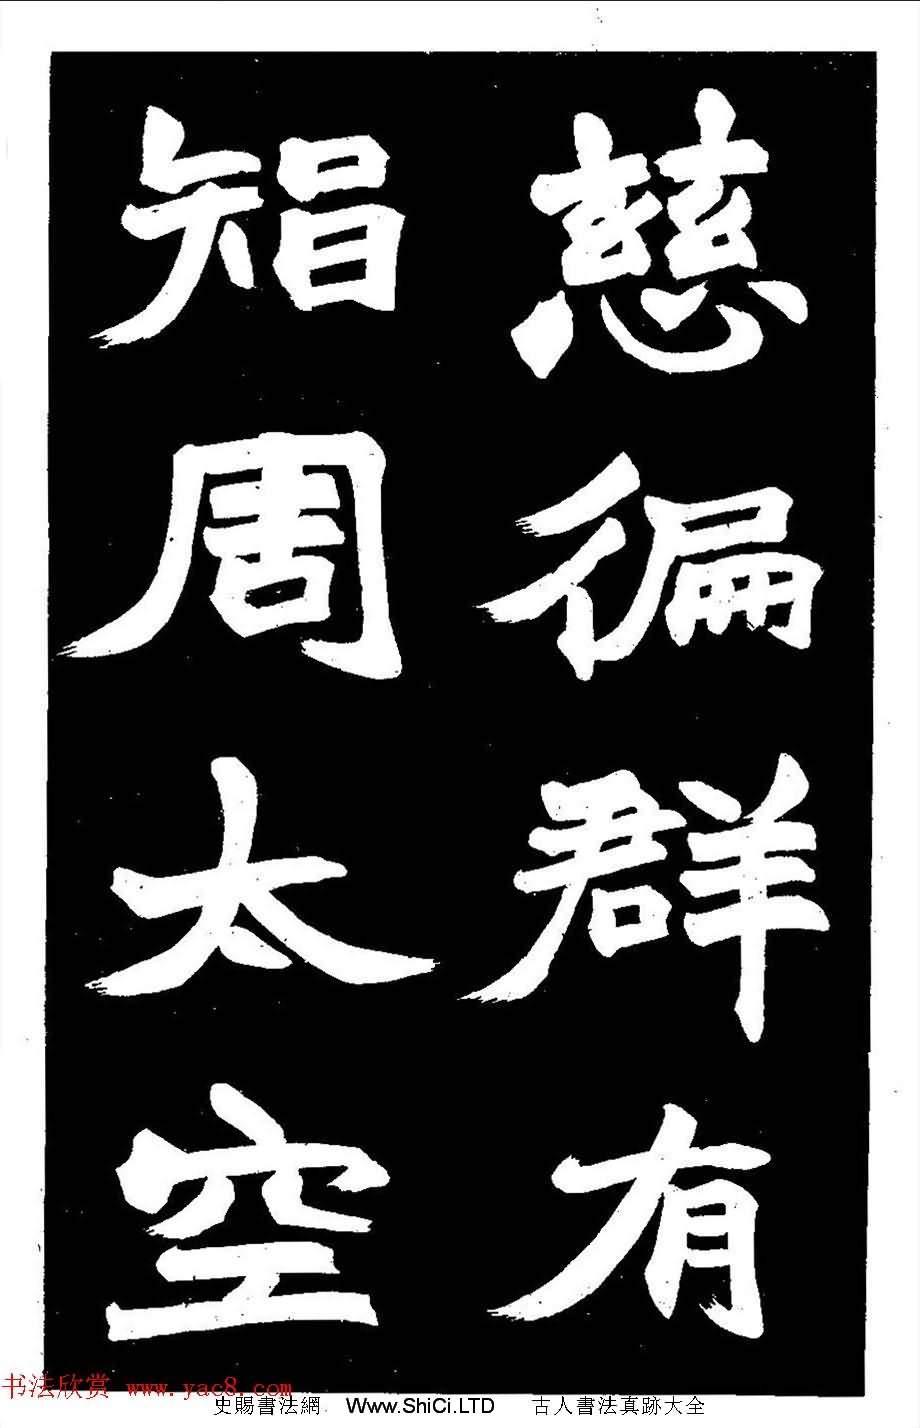 趙之謙大字書法《剡山石城寺石像碑》